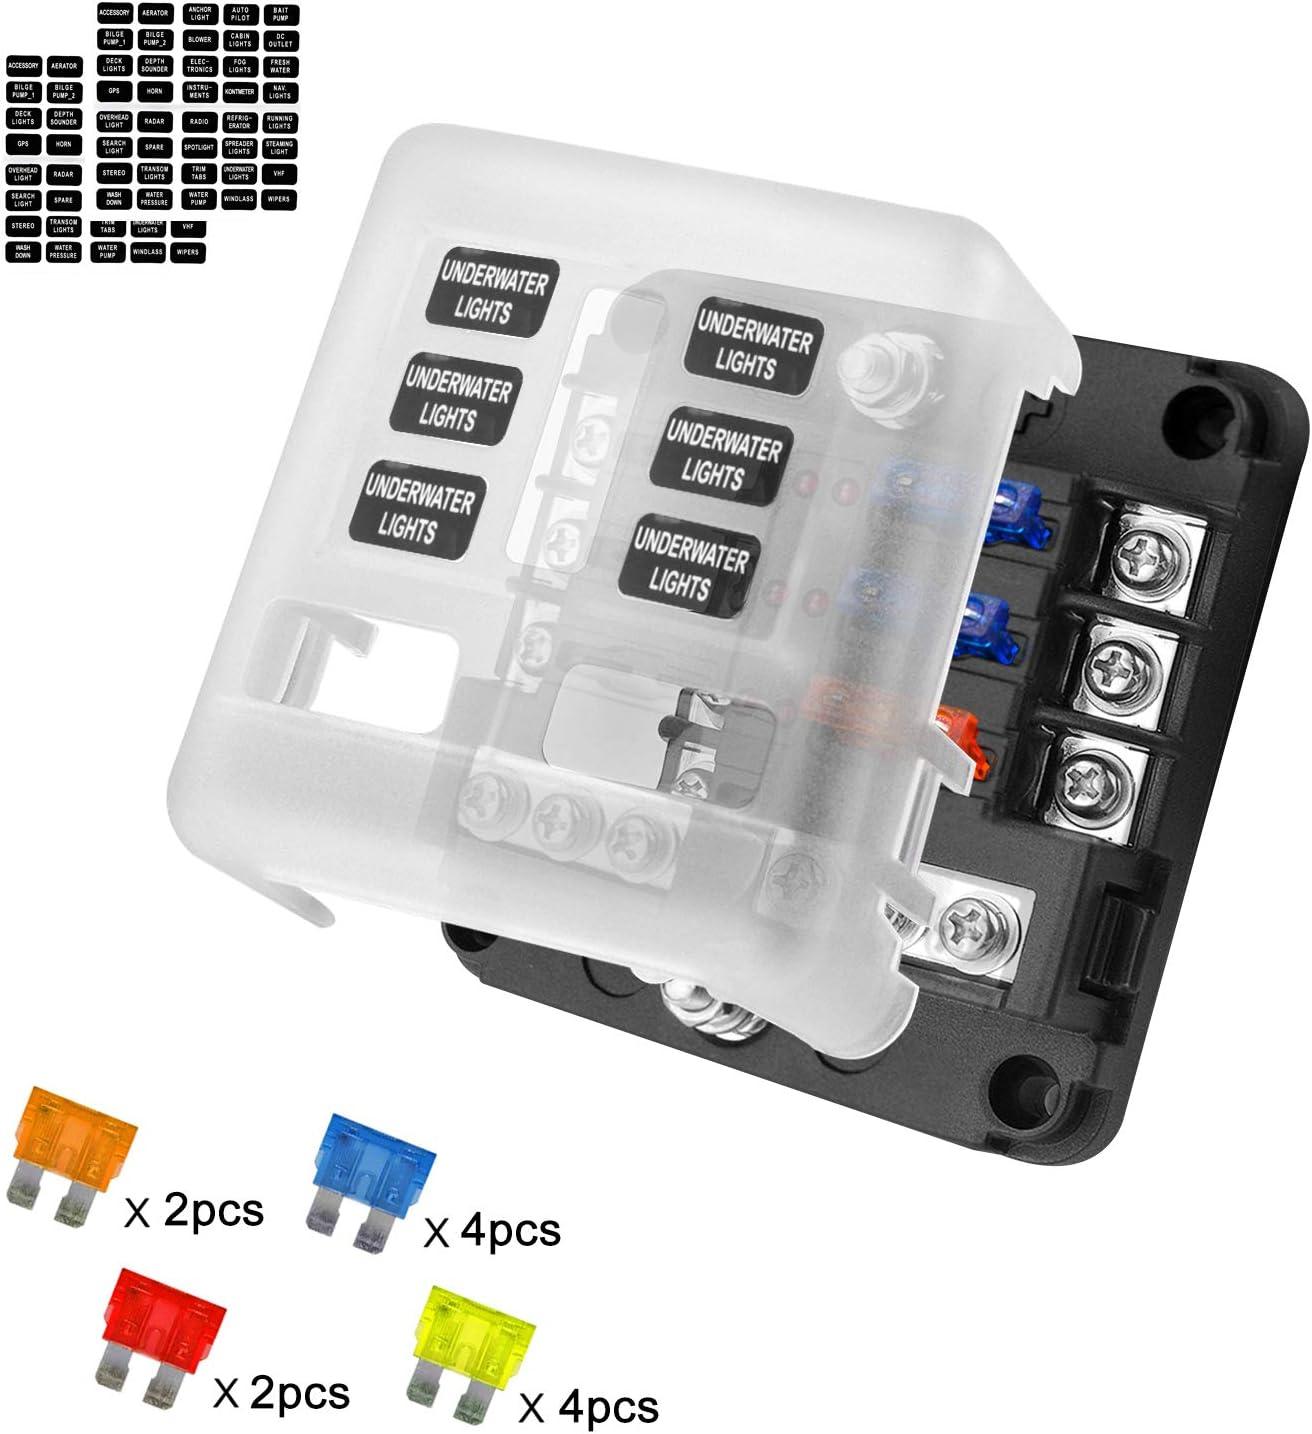 KKmoon Caja de Fusibles 10 V/ías Portafusibles con L/ámpara de Alerta LED Kit para Coche Barco 12V 24V